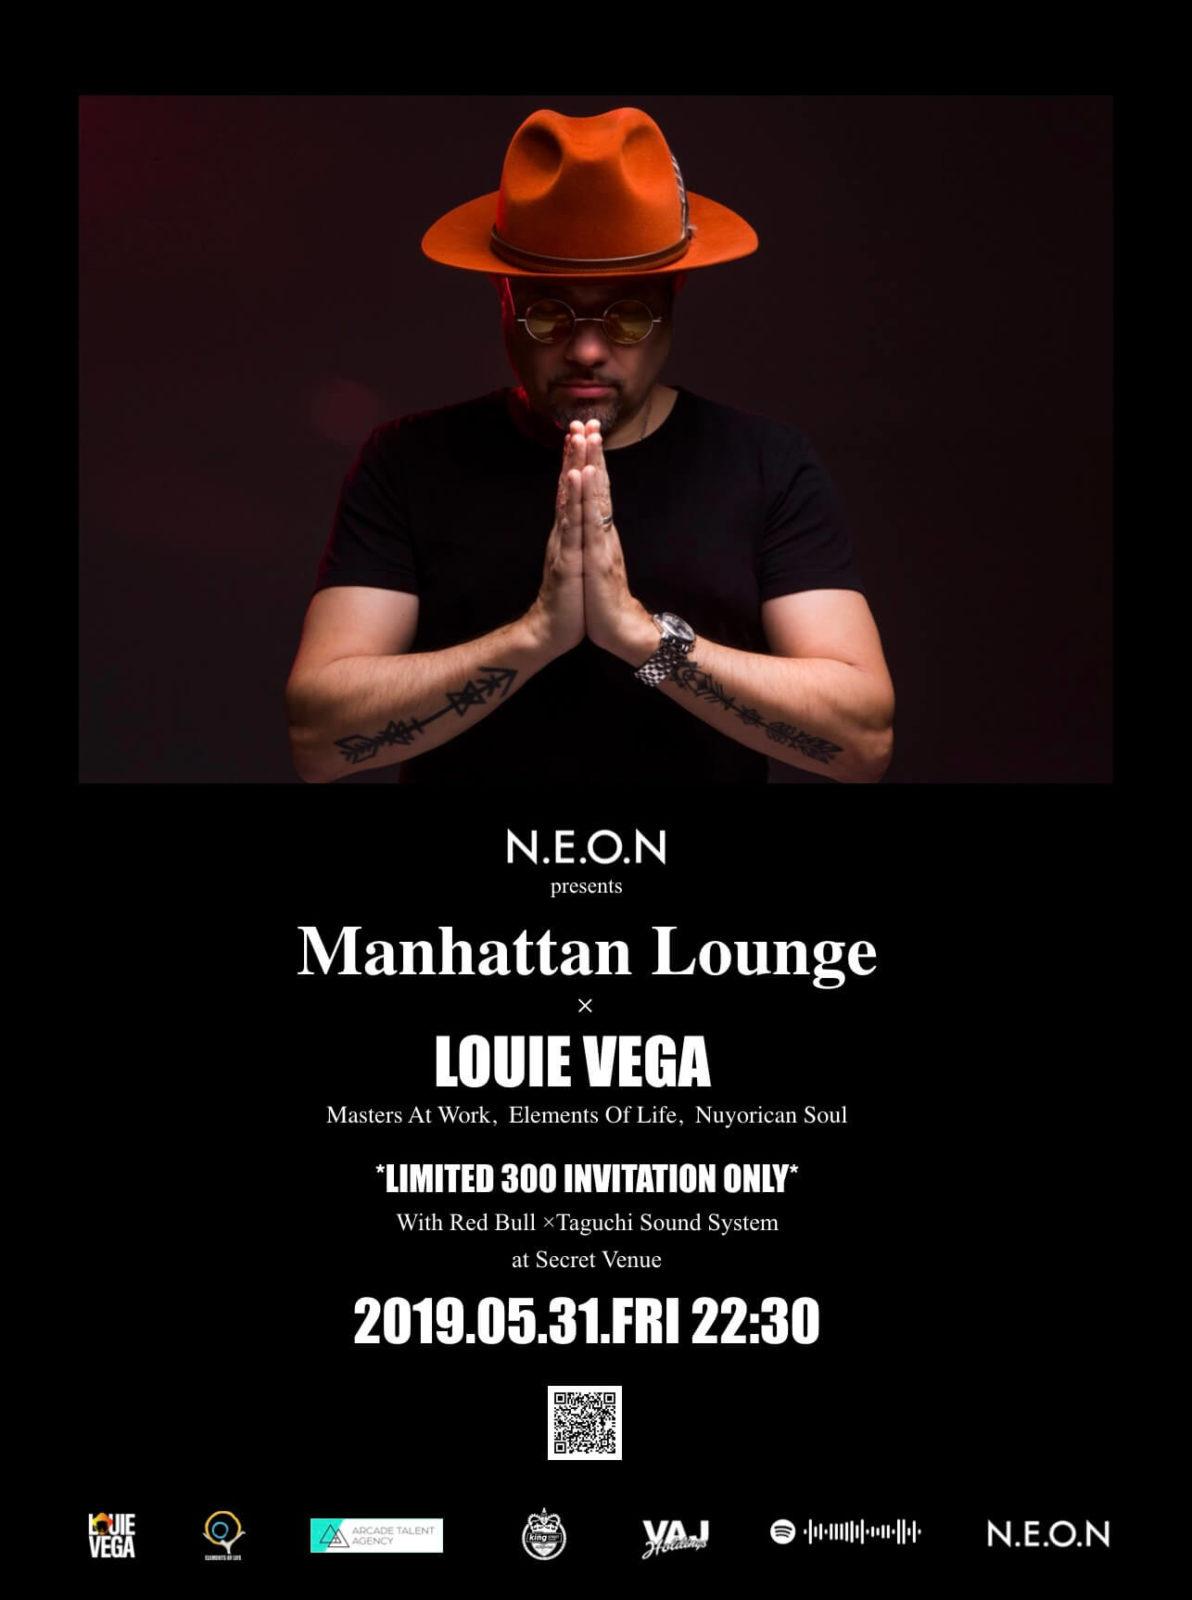 完全招待制パーティー「Manhattan Lounge」に米グラミー賞アーティスト「Louie Vega / ルイベガ」が登場サムネイル画像